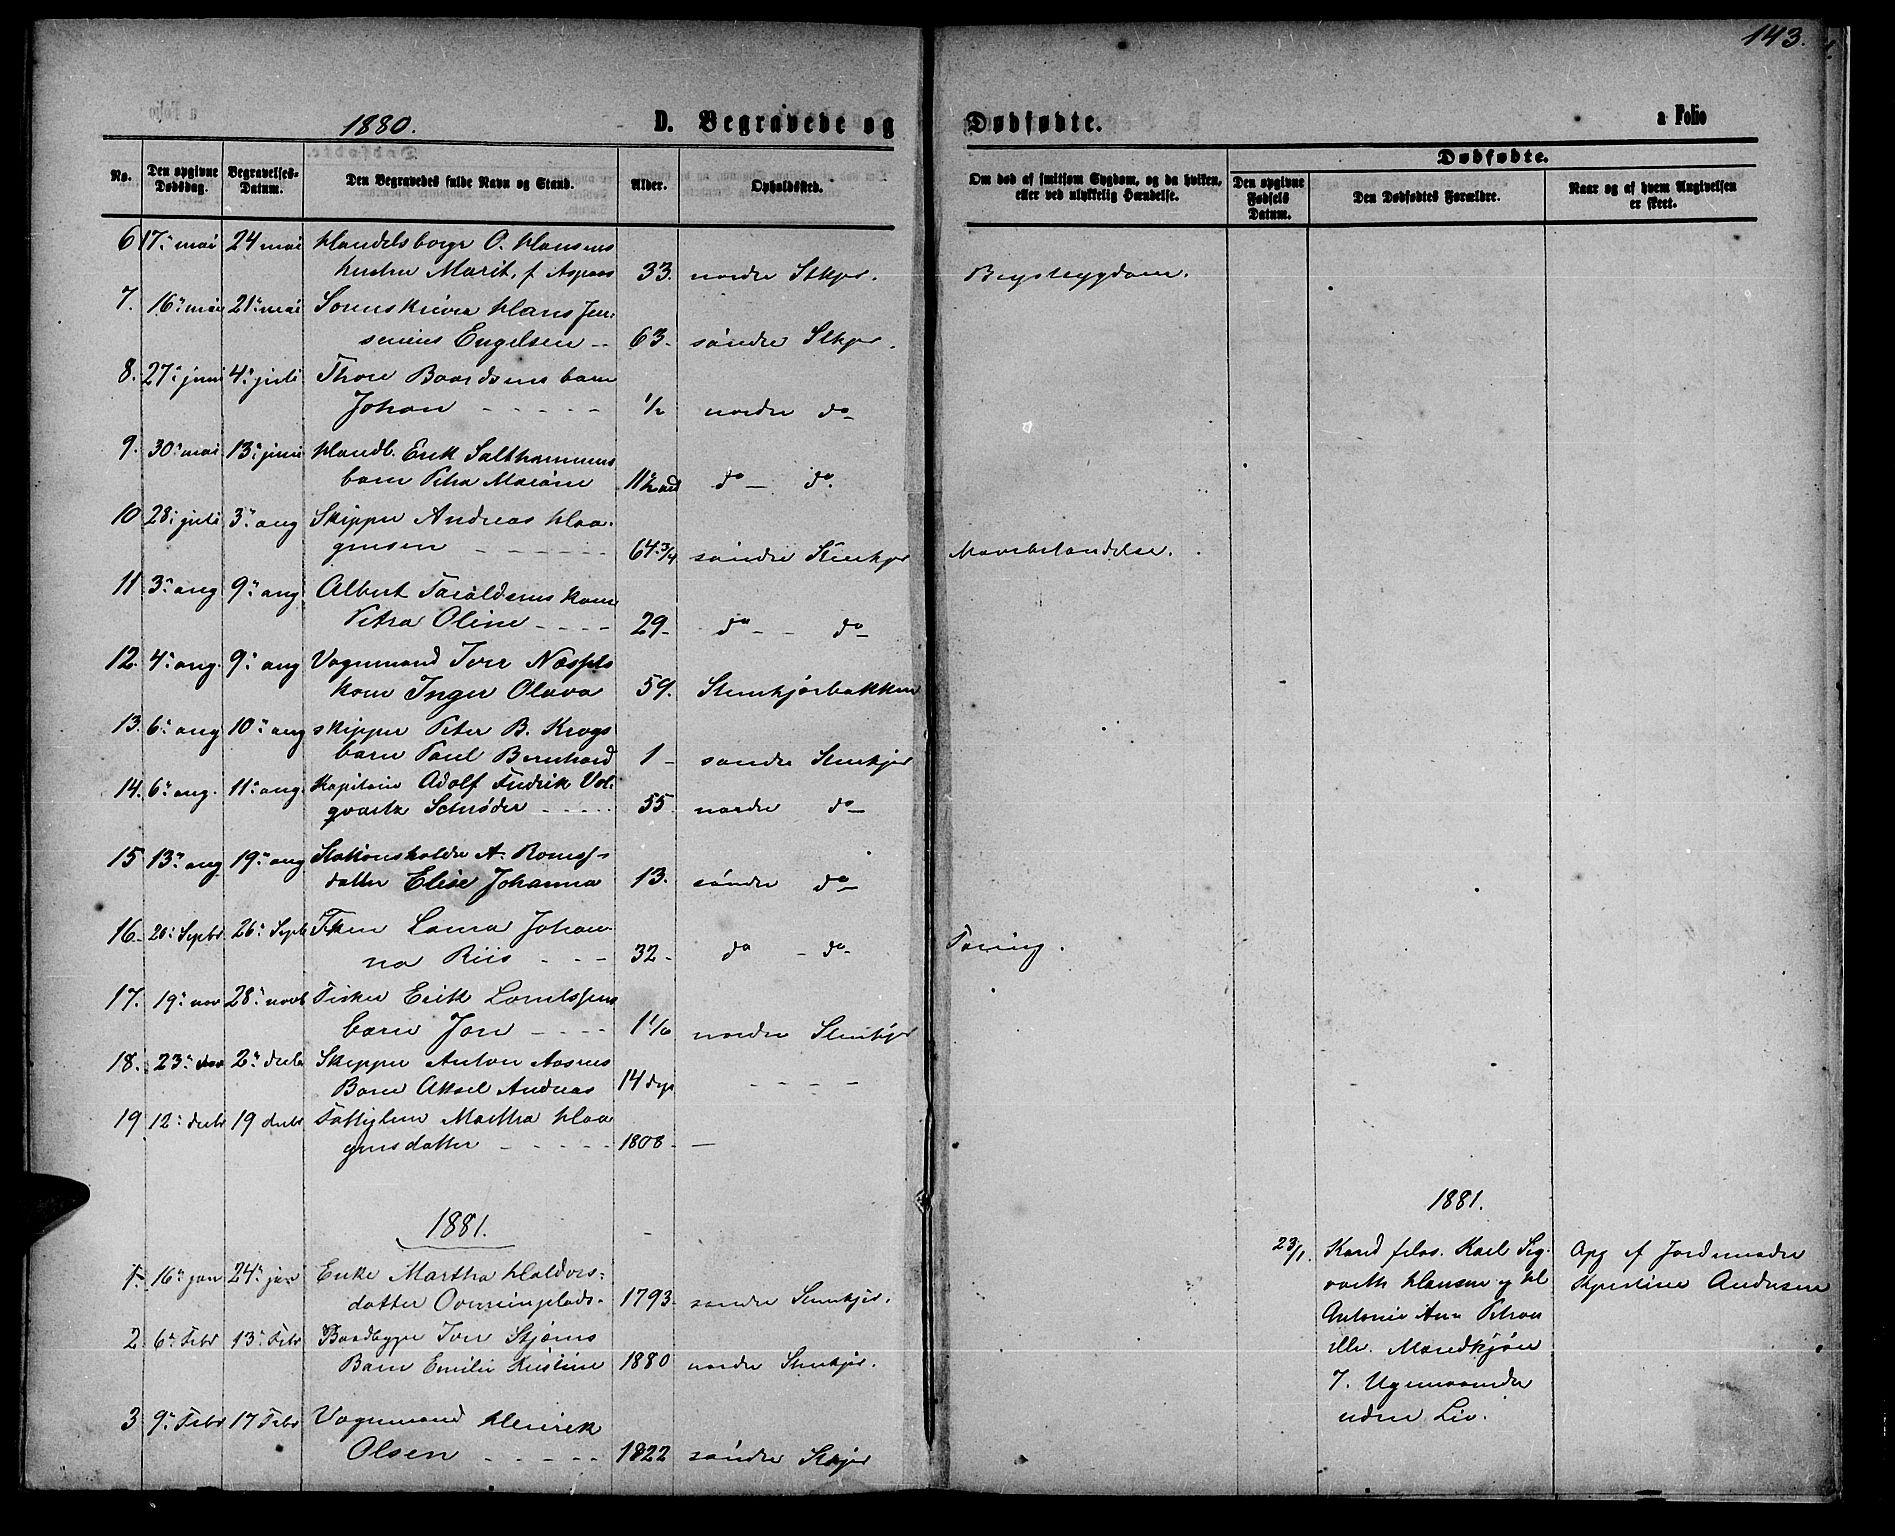 SAT, Ministerialprotokoller, klokkerbøker og fødselsregistre - Nord-Trøndelag, 739/L0373: Klokkerbok nr. 739C01, 1865-1882, s. 143